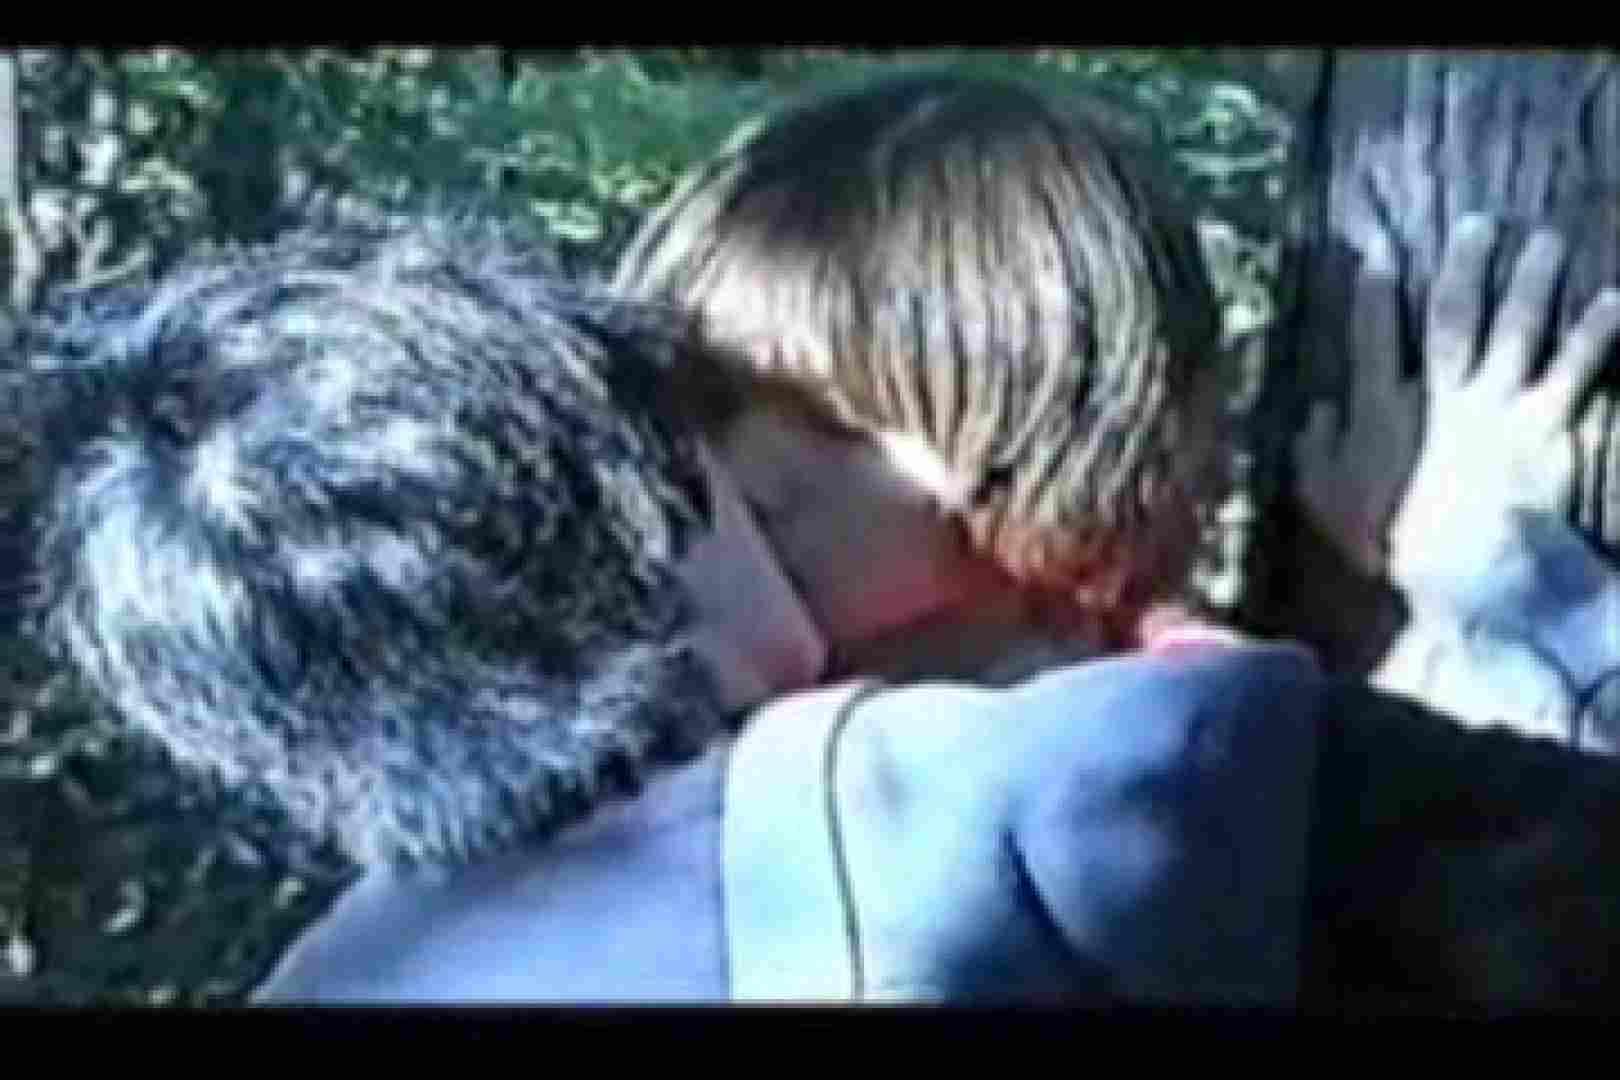 オールドゲイシリーズ  美少年ひかるのオープンファック 仰天アナル ゲイAV画像 46pic 30